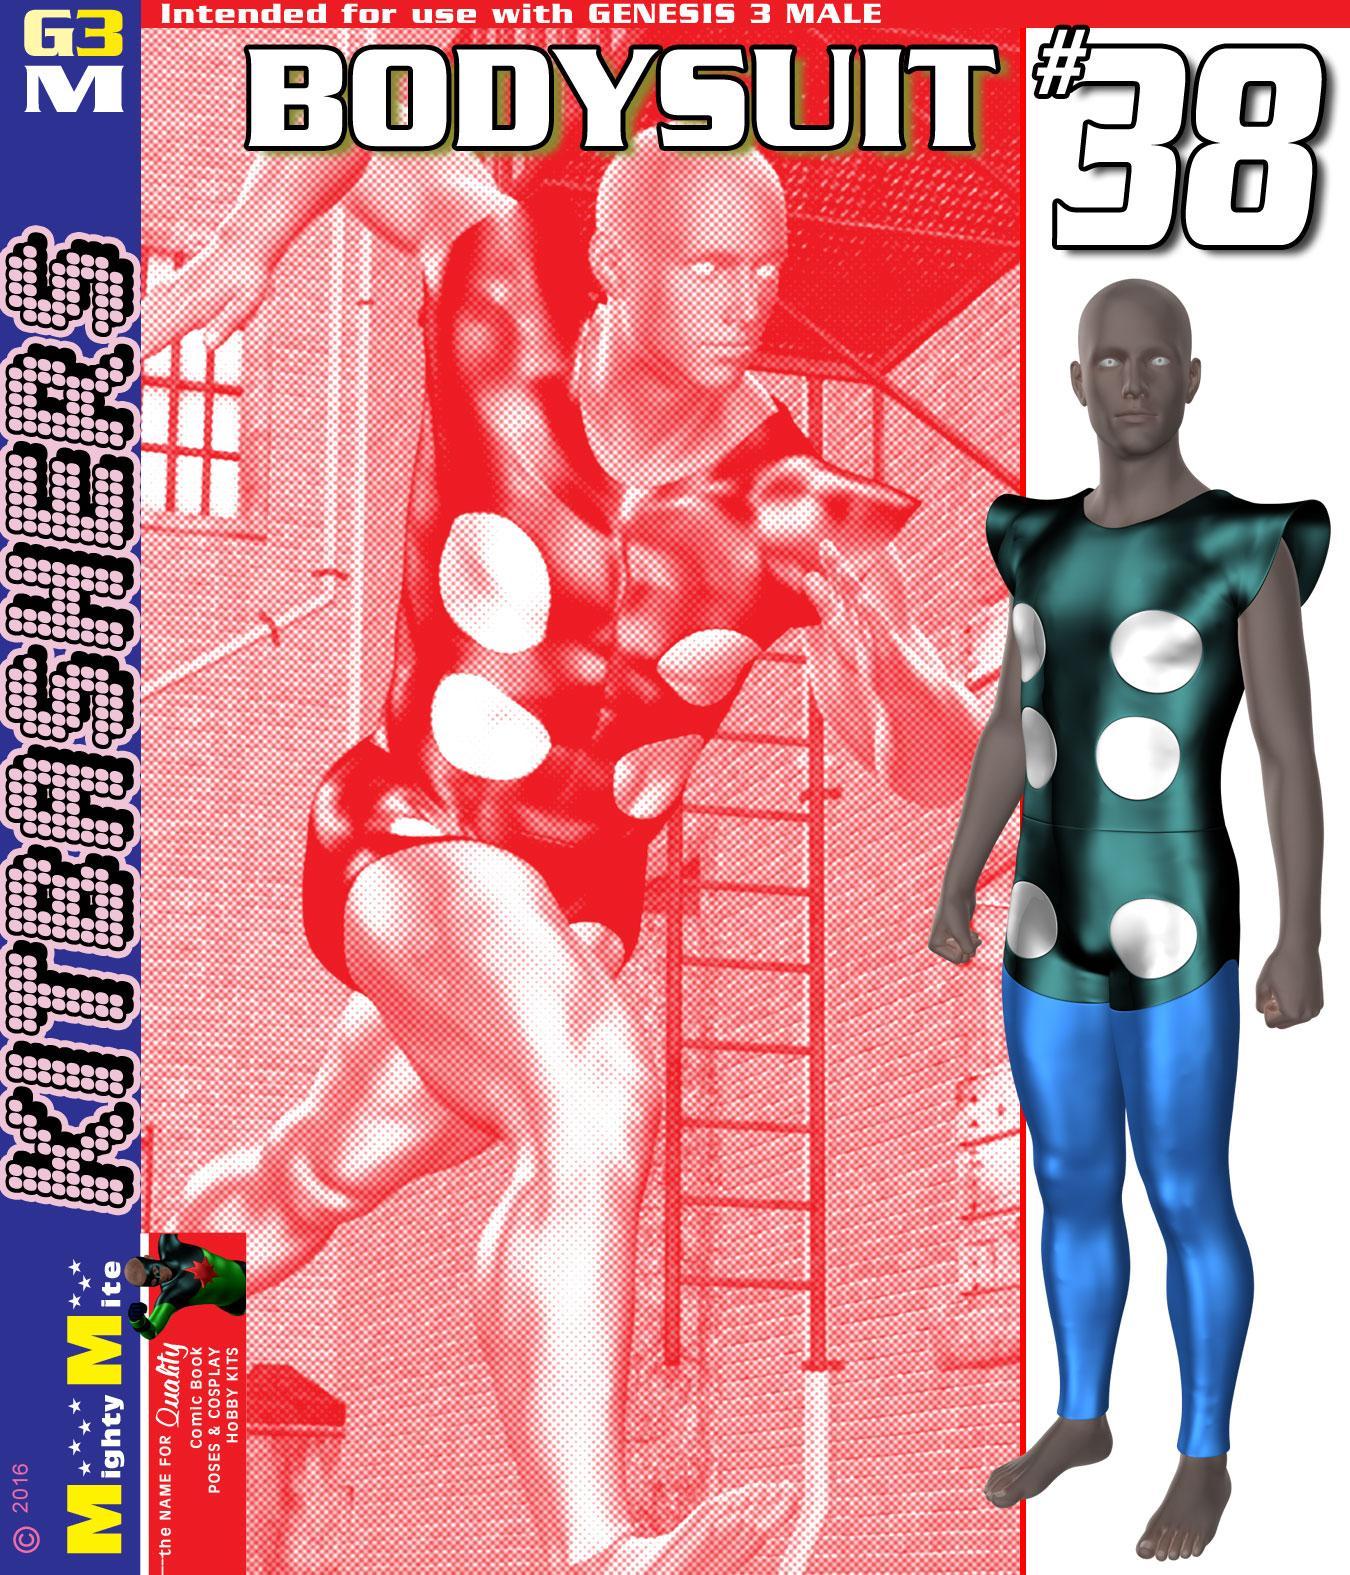 Bodysuit 038 MMKBG3M